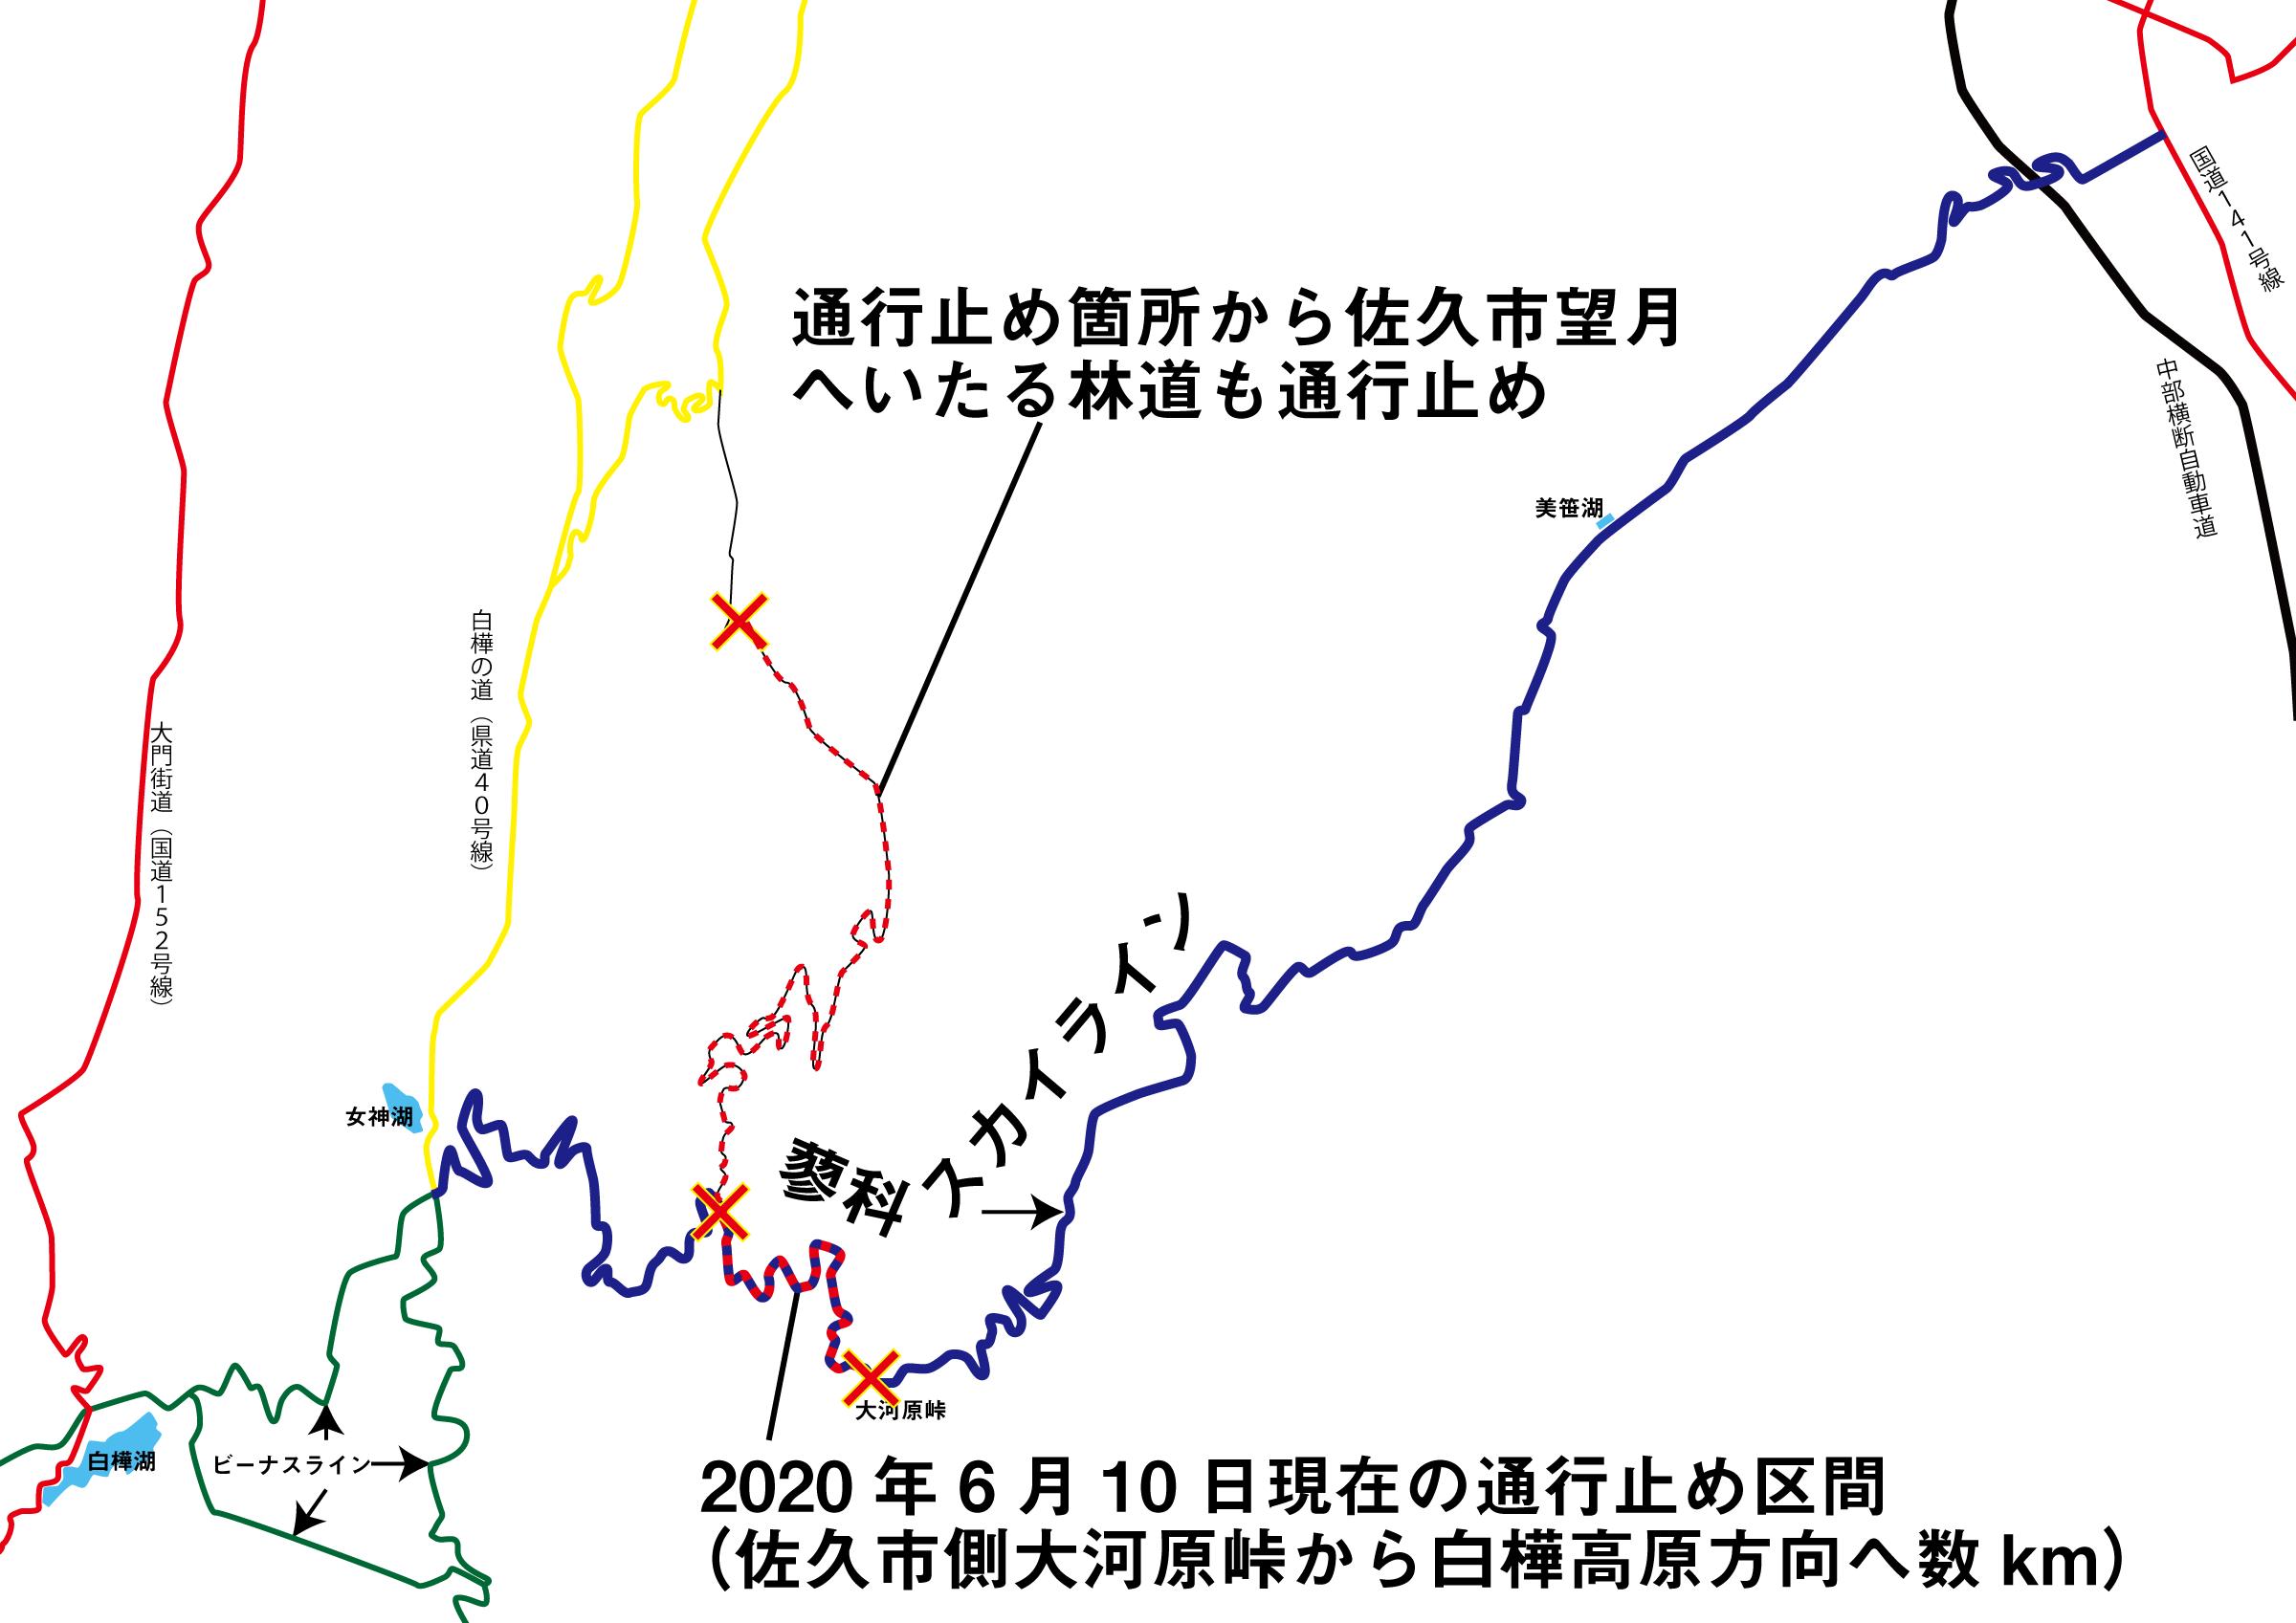 2020年6月10日現在の蓼科スカイライン通行可否状況。